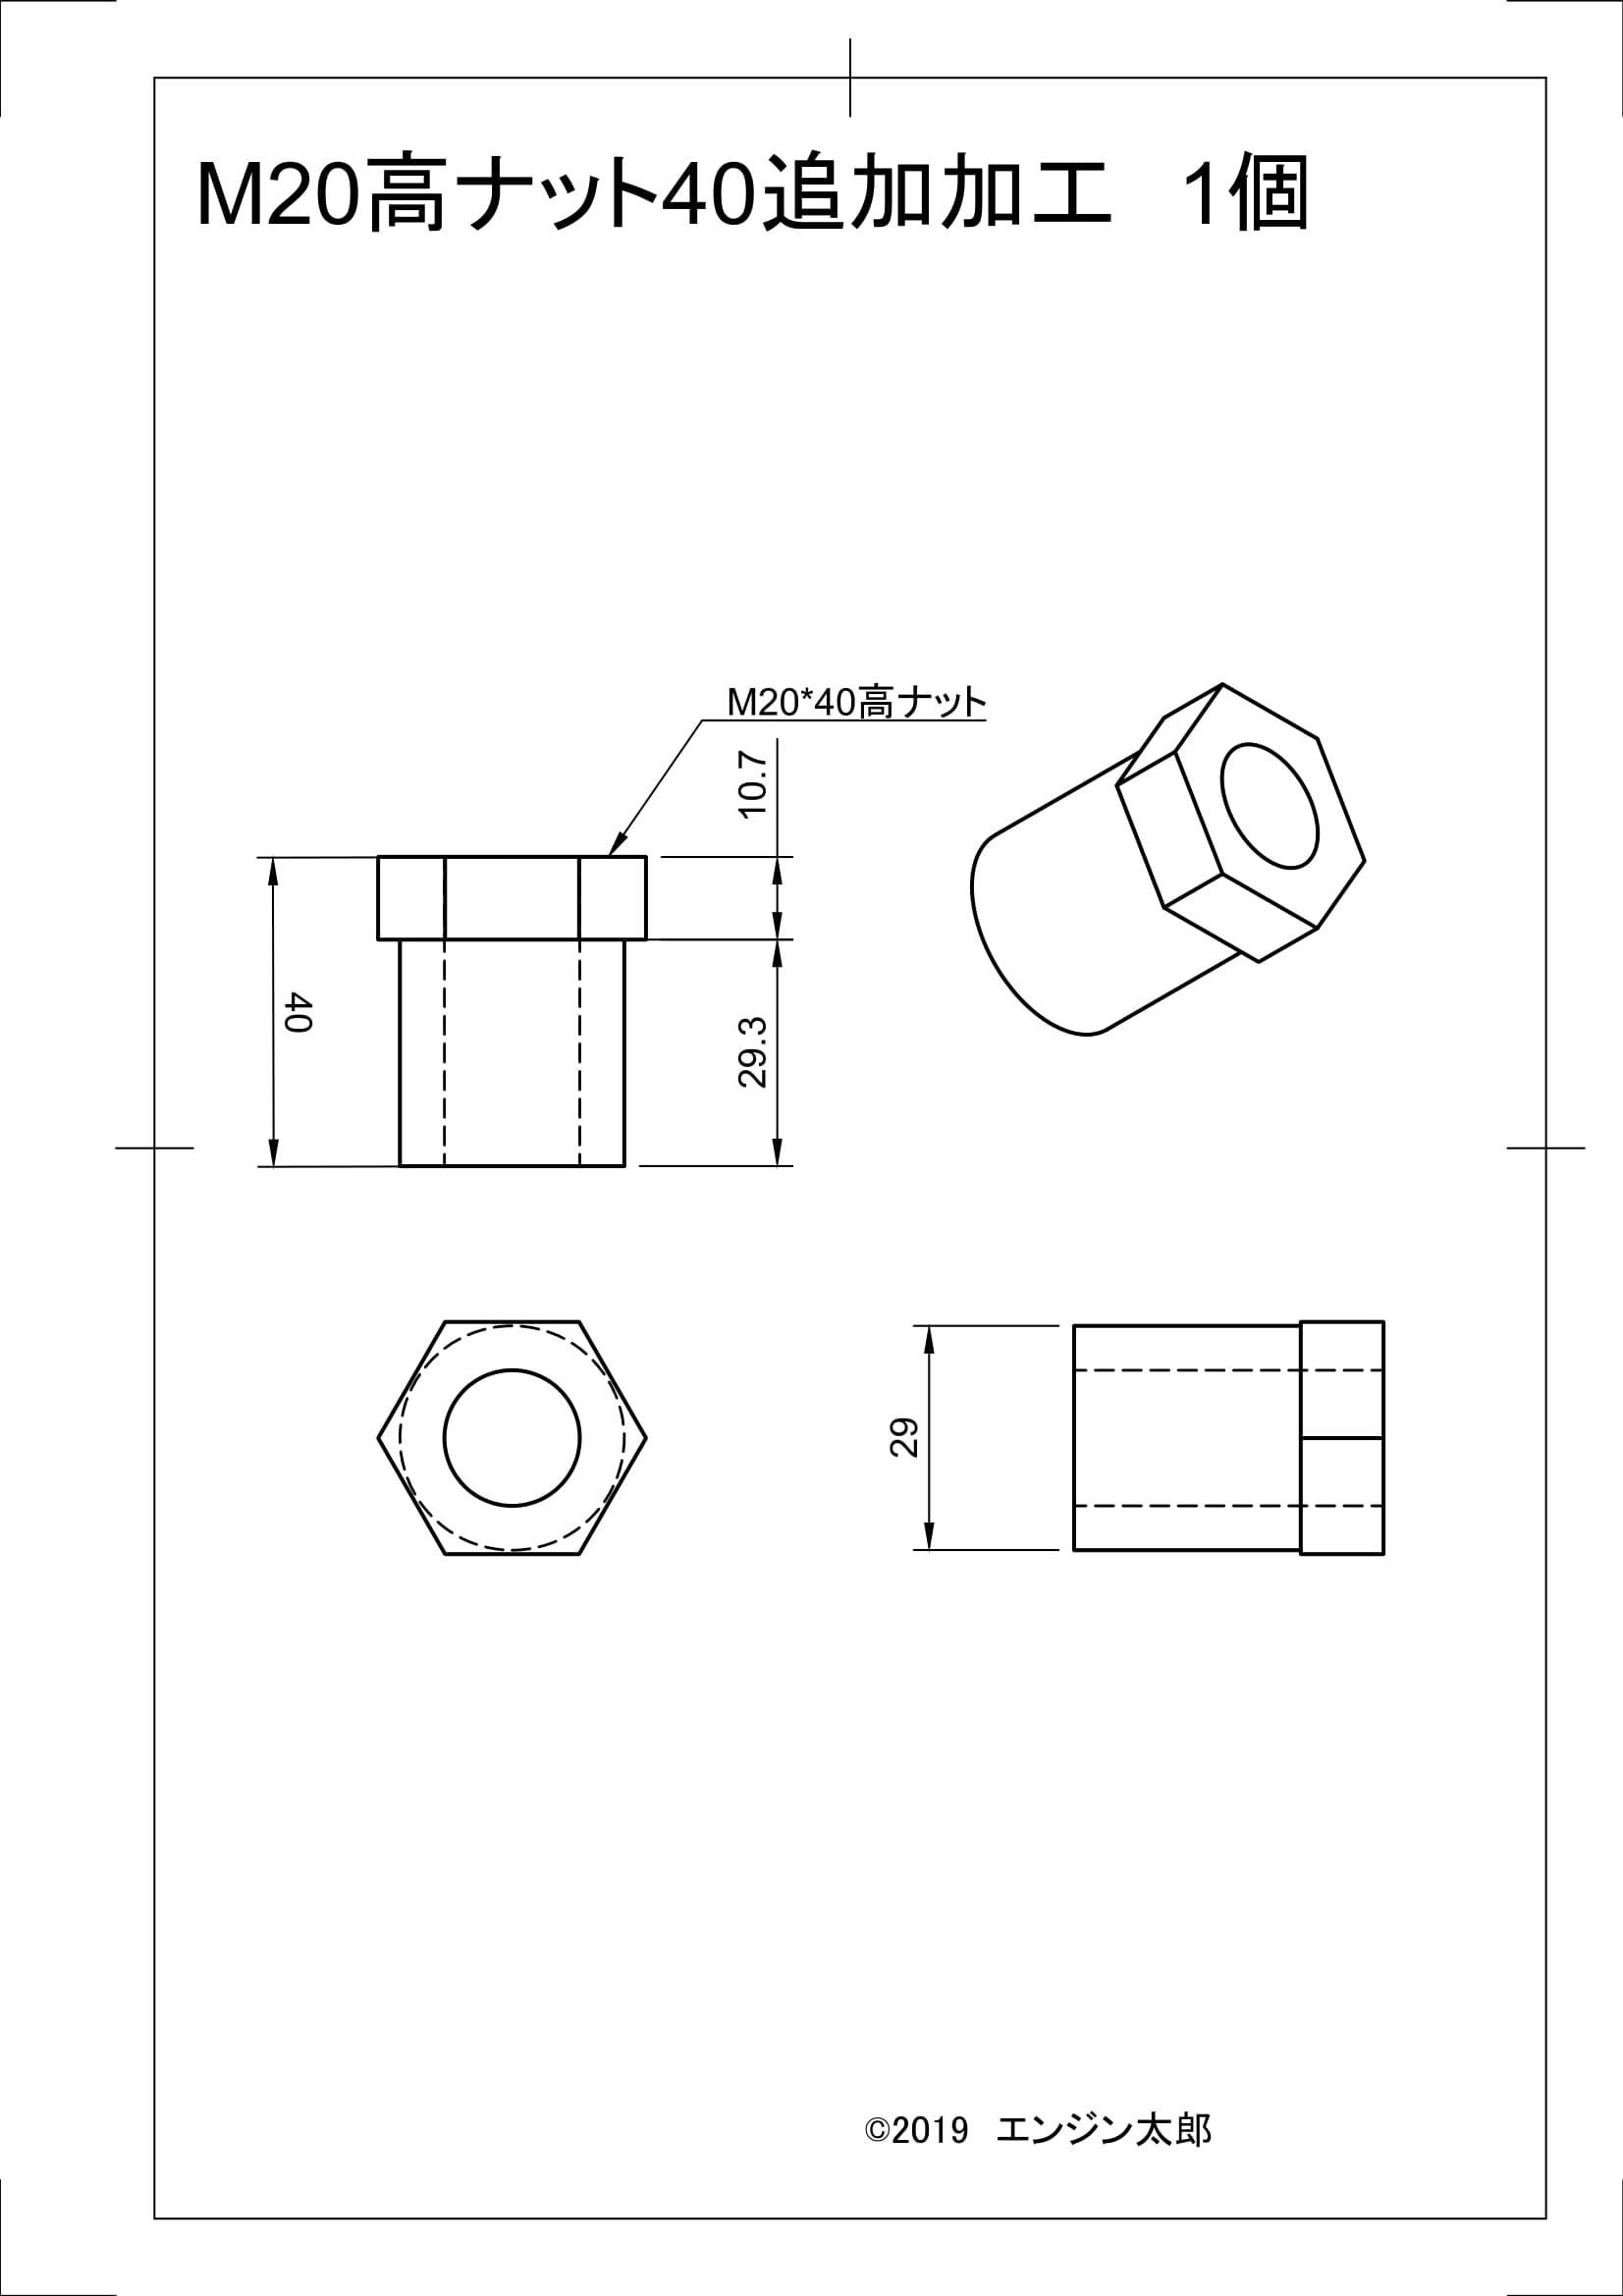 27チューブローラー2_M20高ナット40加工 図面-1